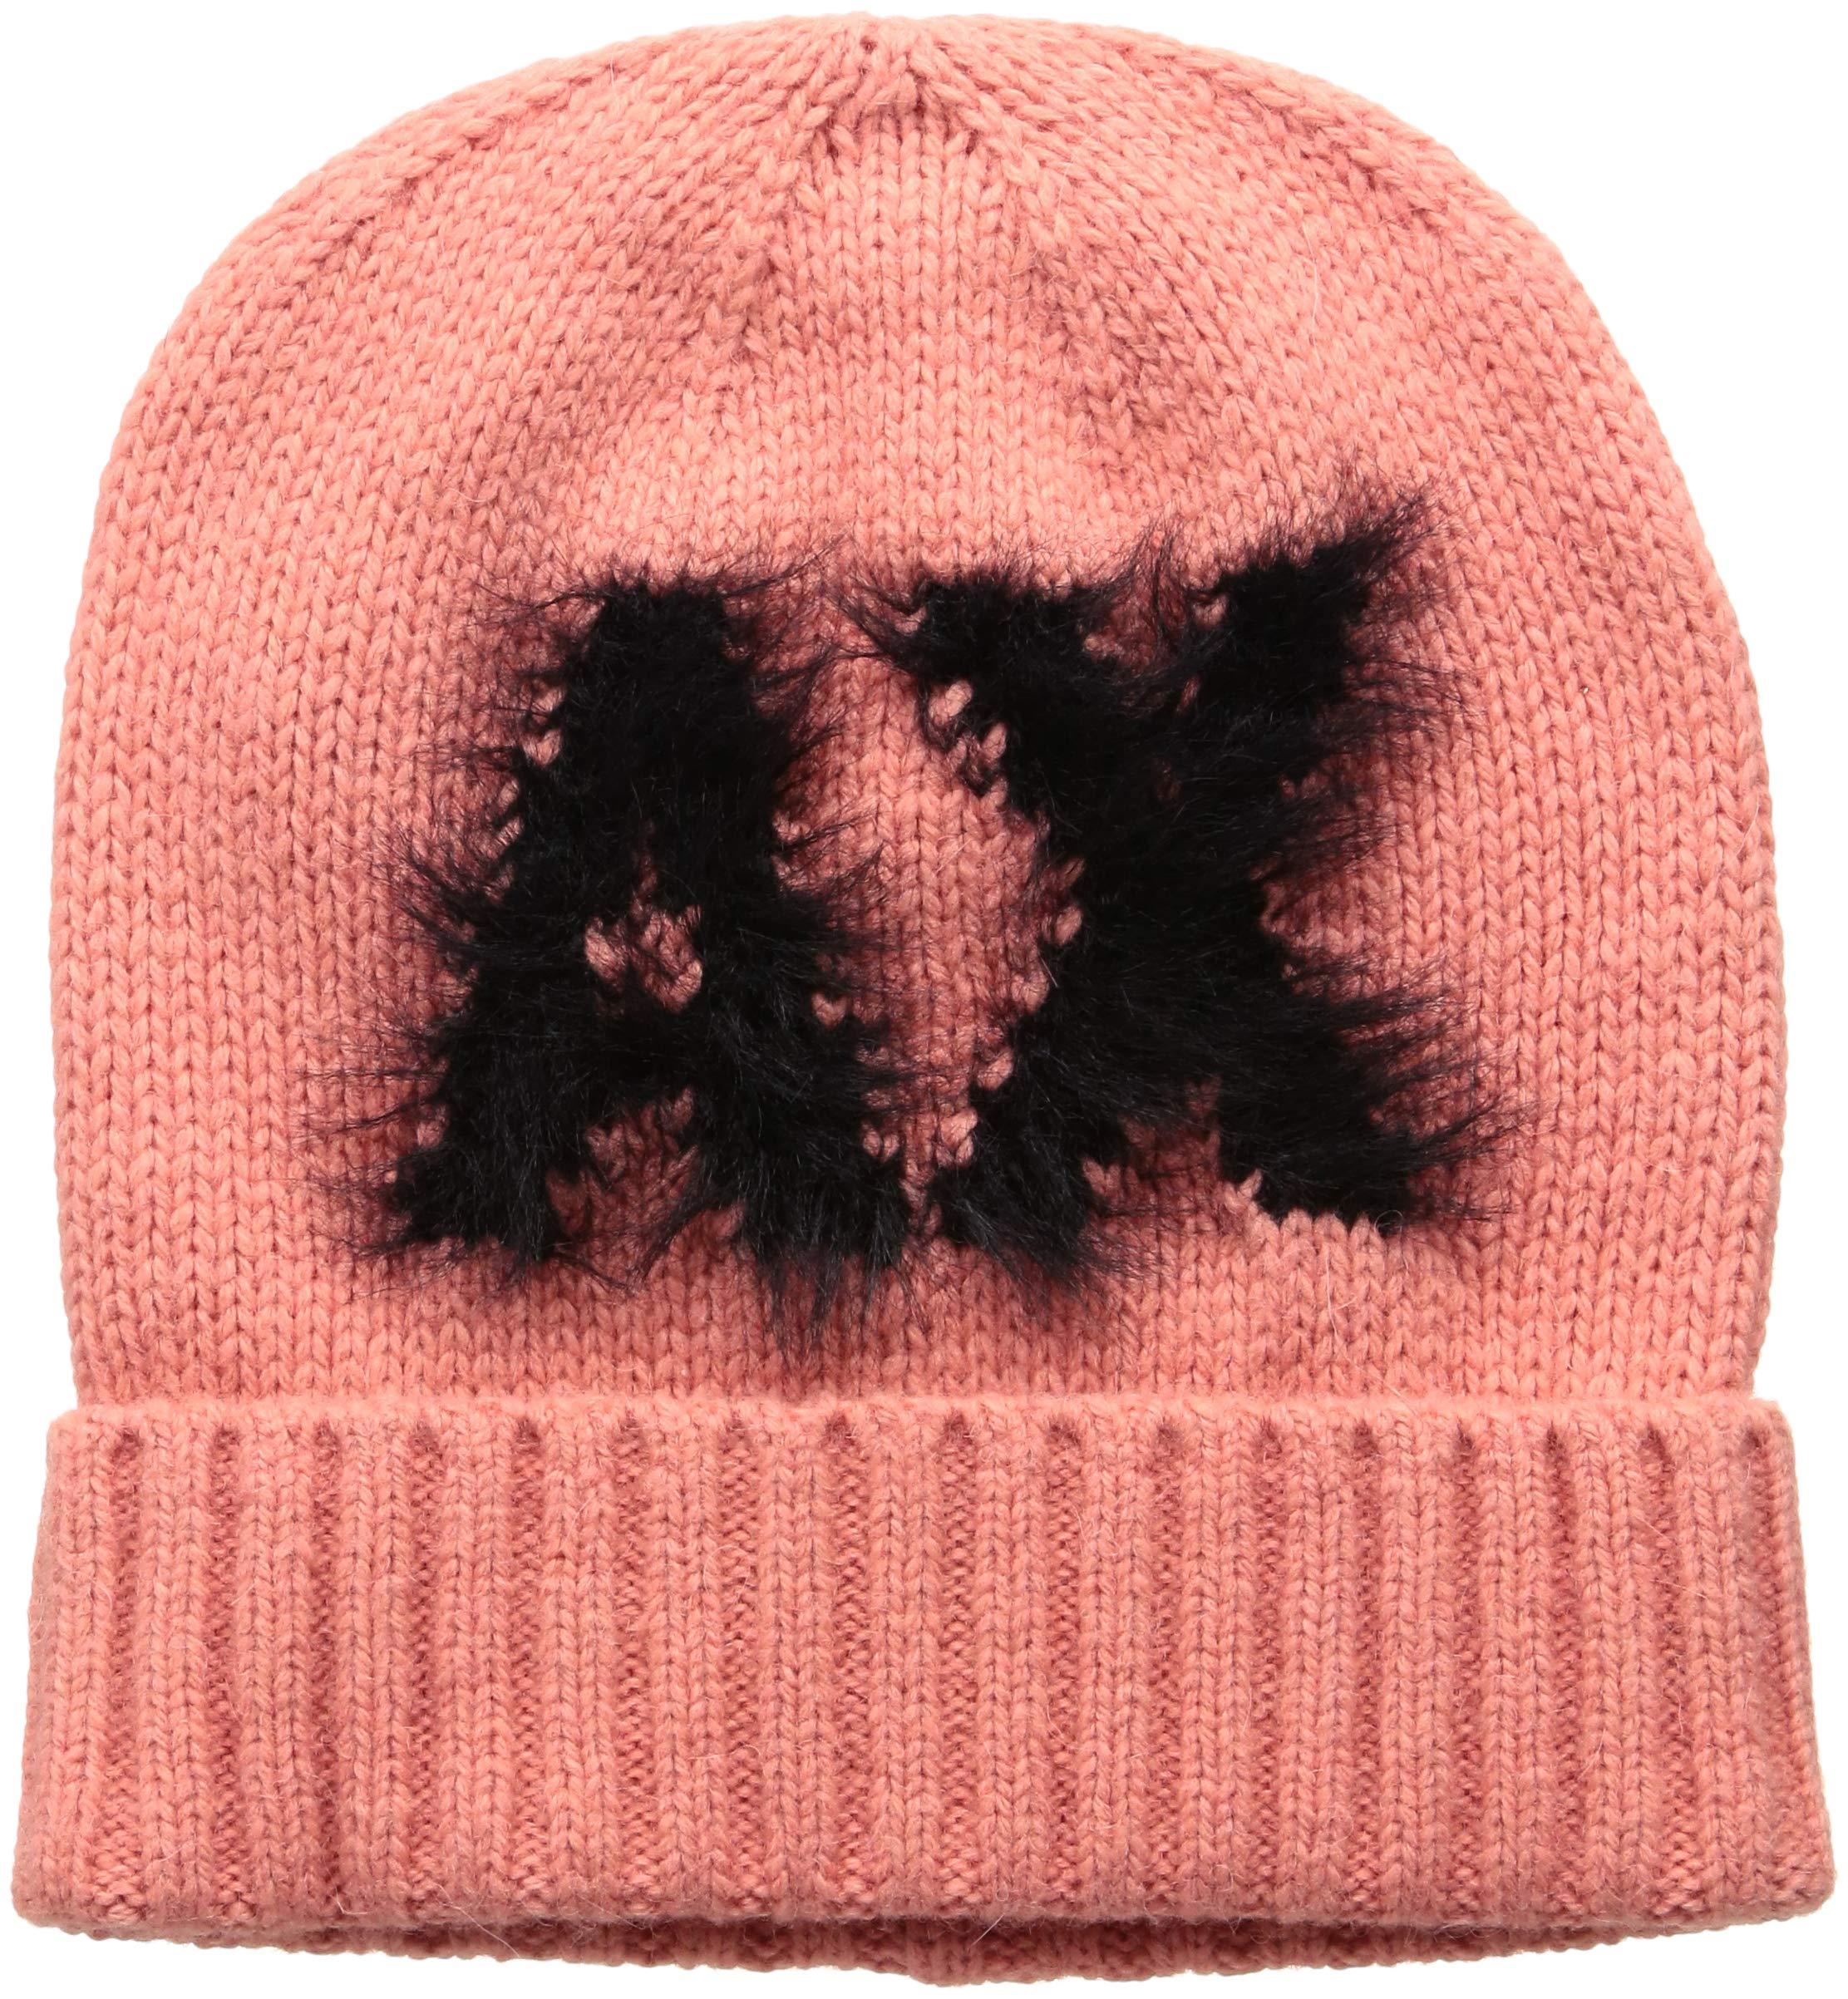 A|X Armani Exchange Women's Fuzzy AX Beanie, caipiroska, TU